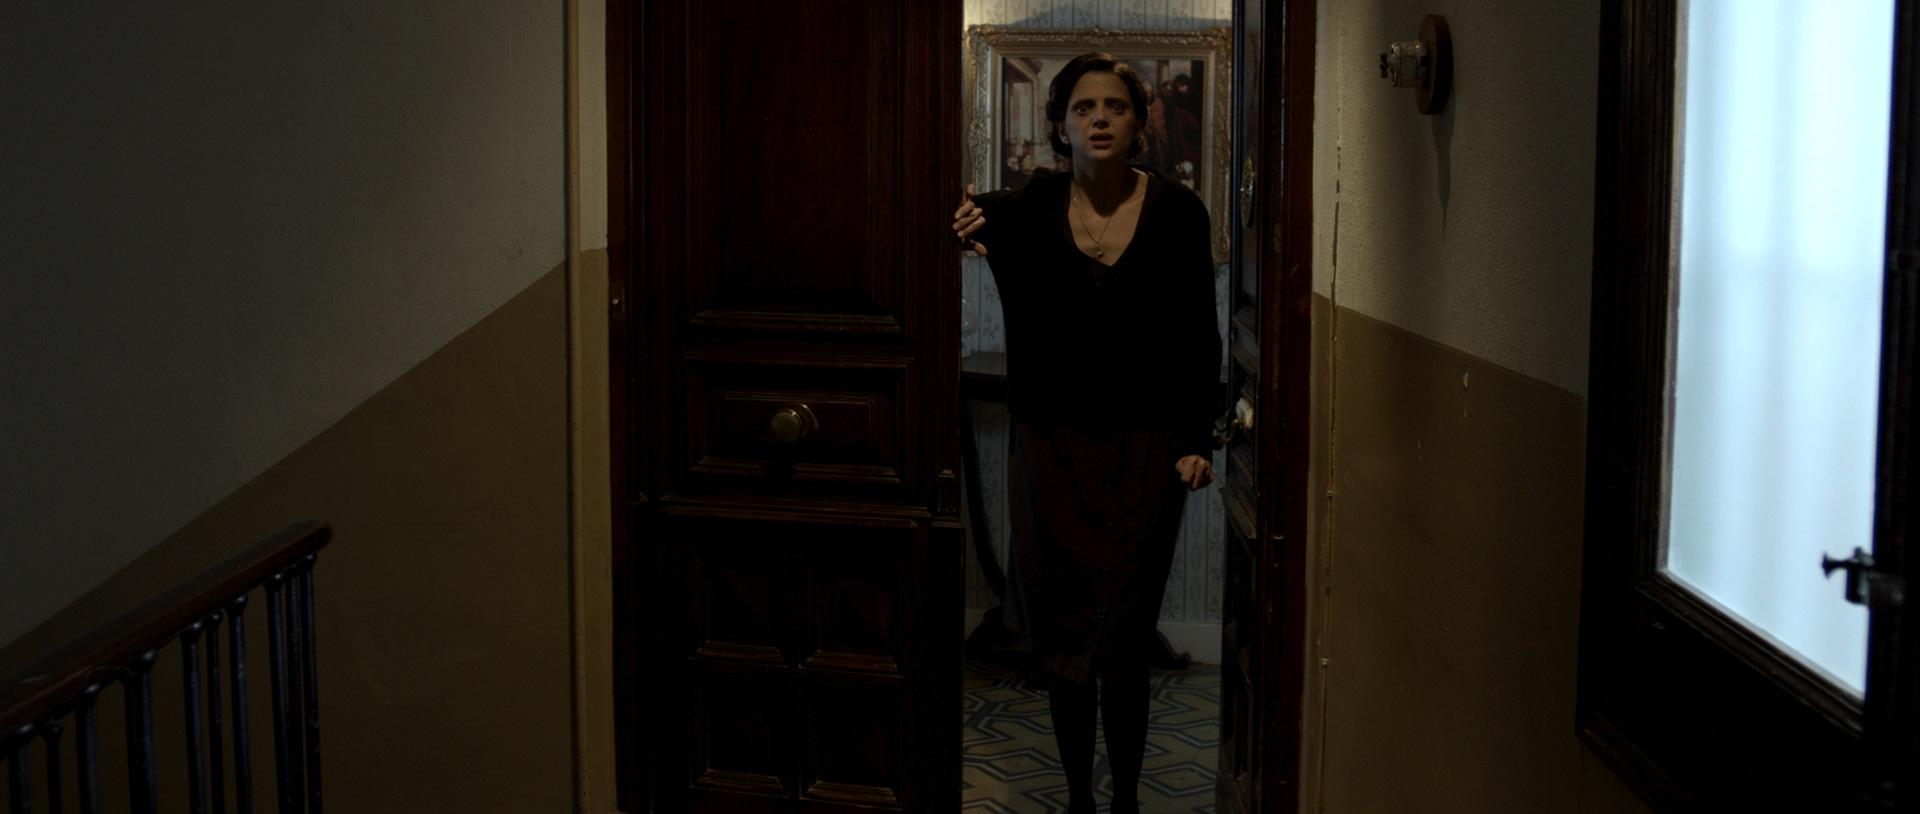 Montse vermag unmöglich die Schwelle ihrer Wohnung zu überschreiten (Foto: OFDB Filmworks)